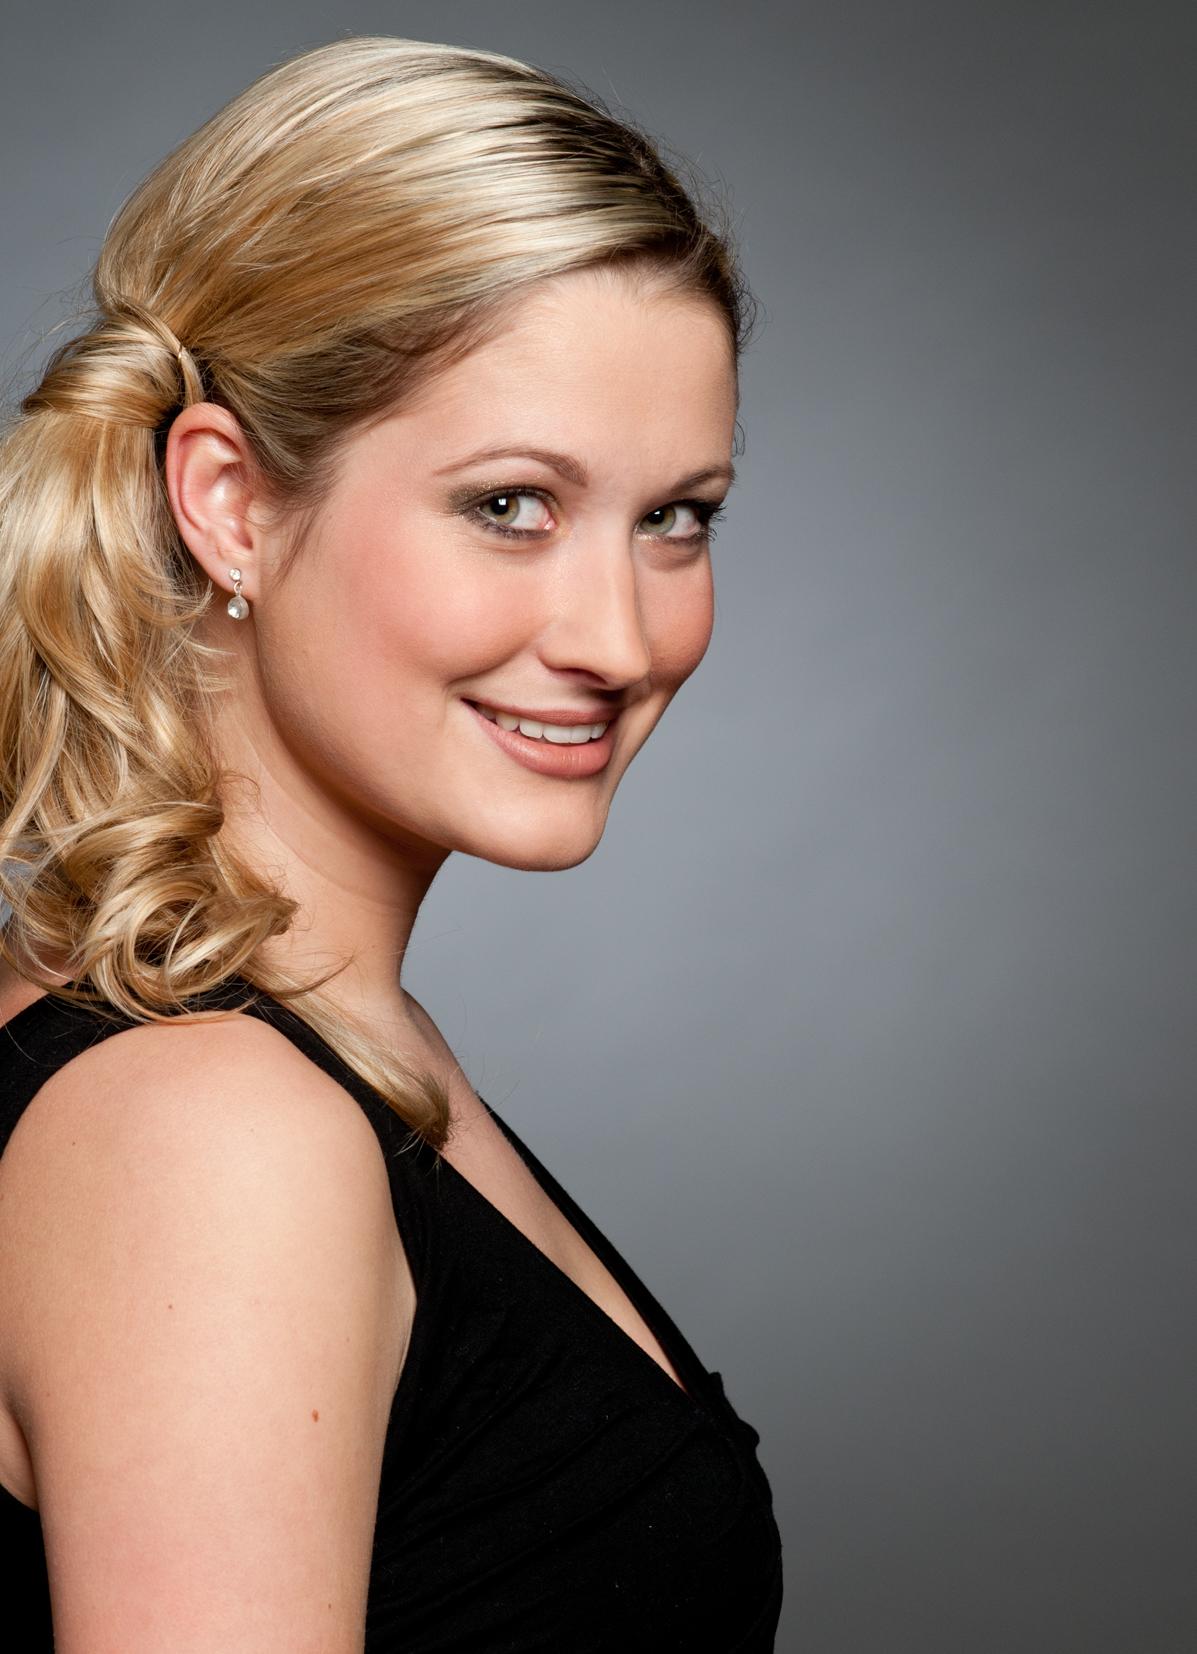 Mira aus Hannover Haarfarbe: blond (mittel), Augenfarbe: gr�n, Gr��e: 174, Deutsch: Muttersprache, Englisch: Fliessend, Franz�sisch: nein, Spanisch: leichte Konversation